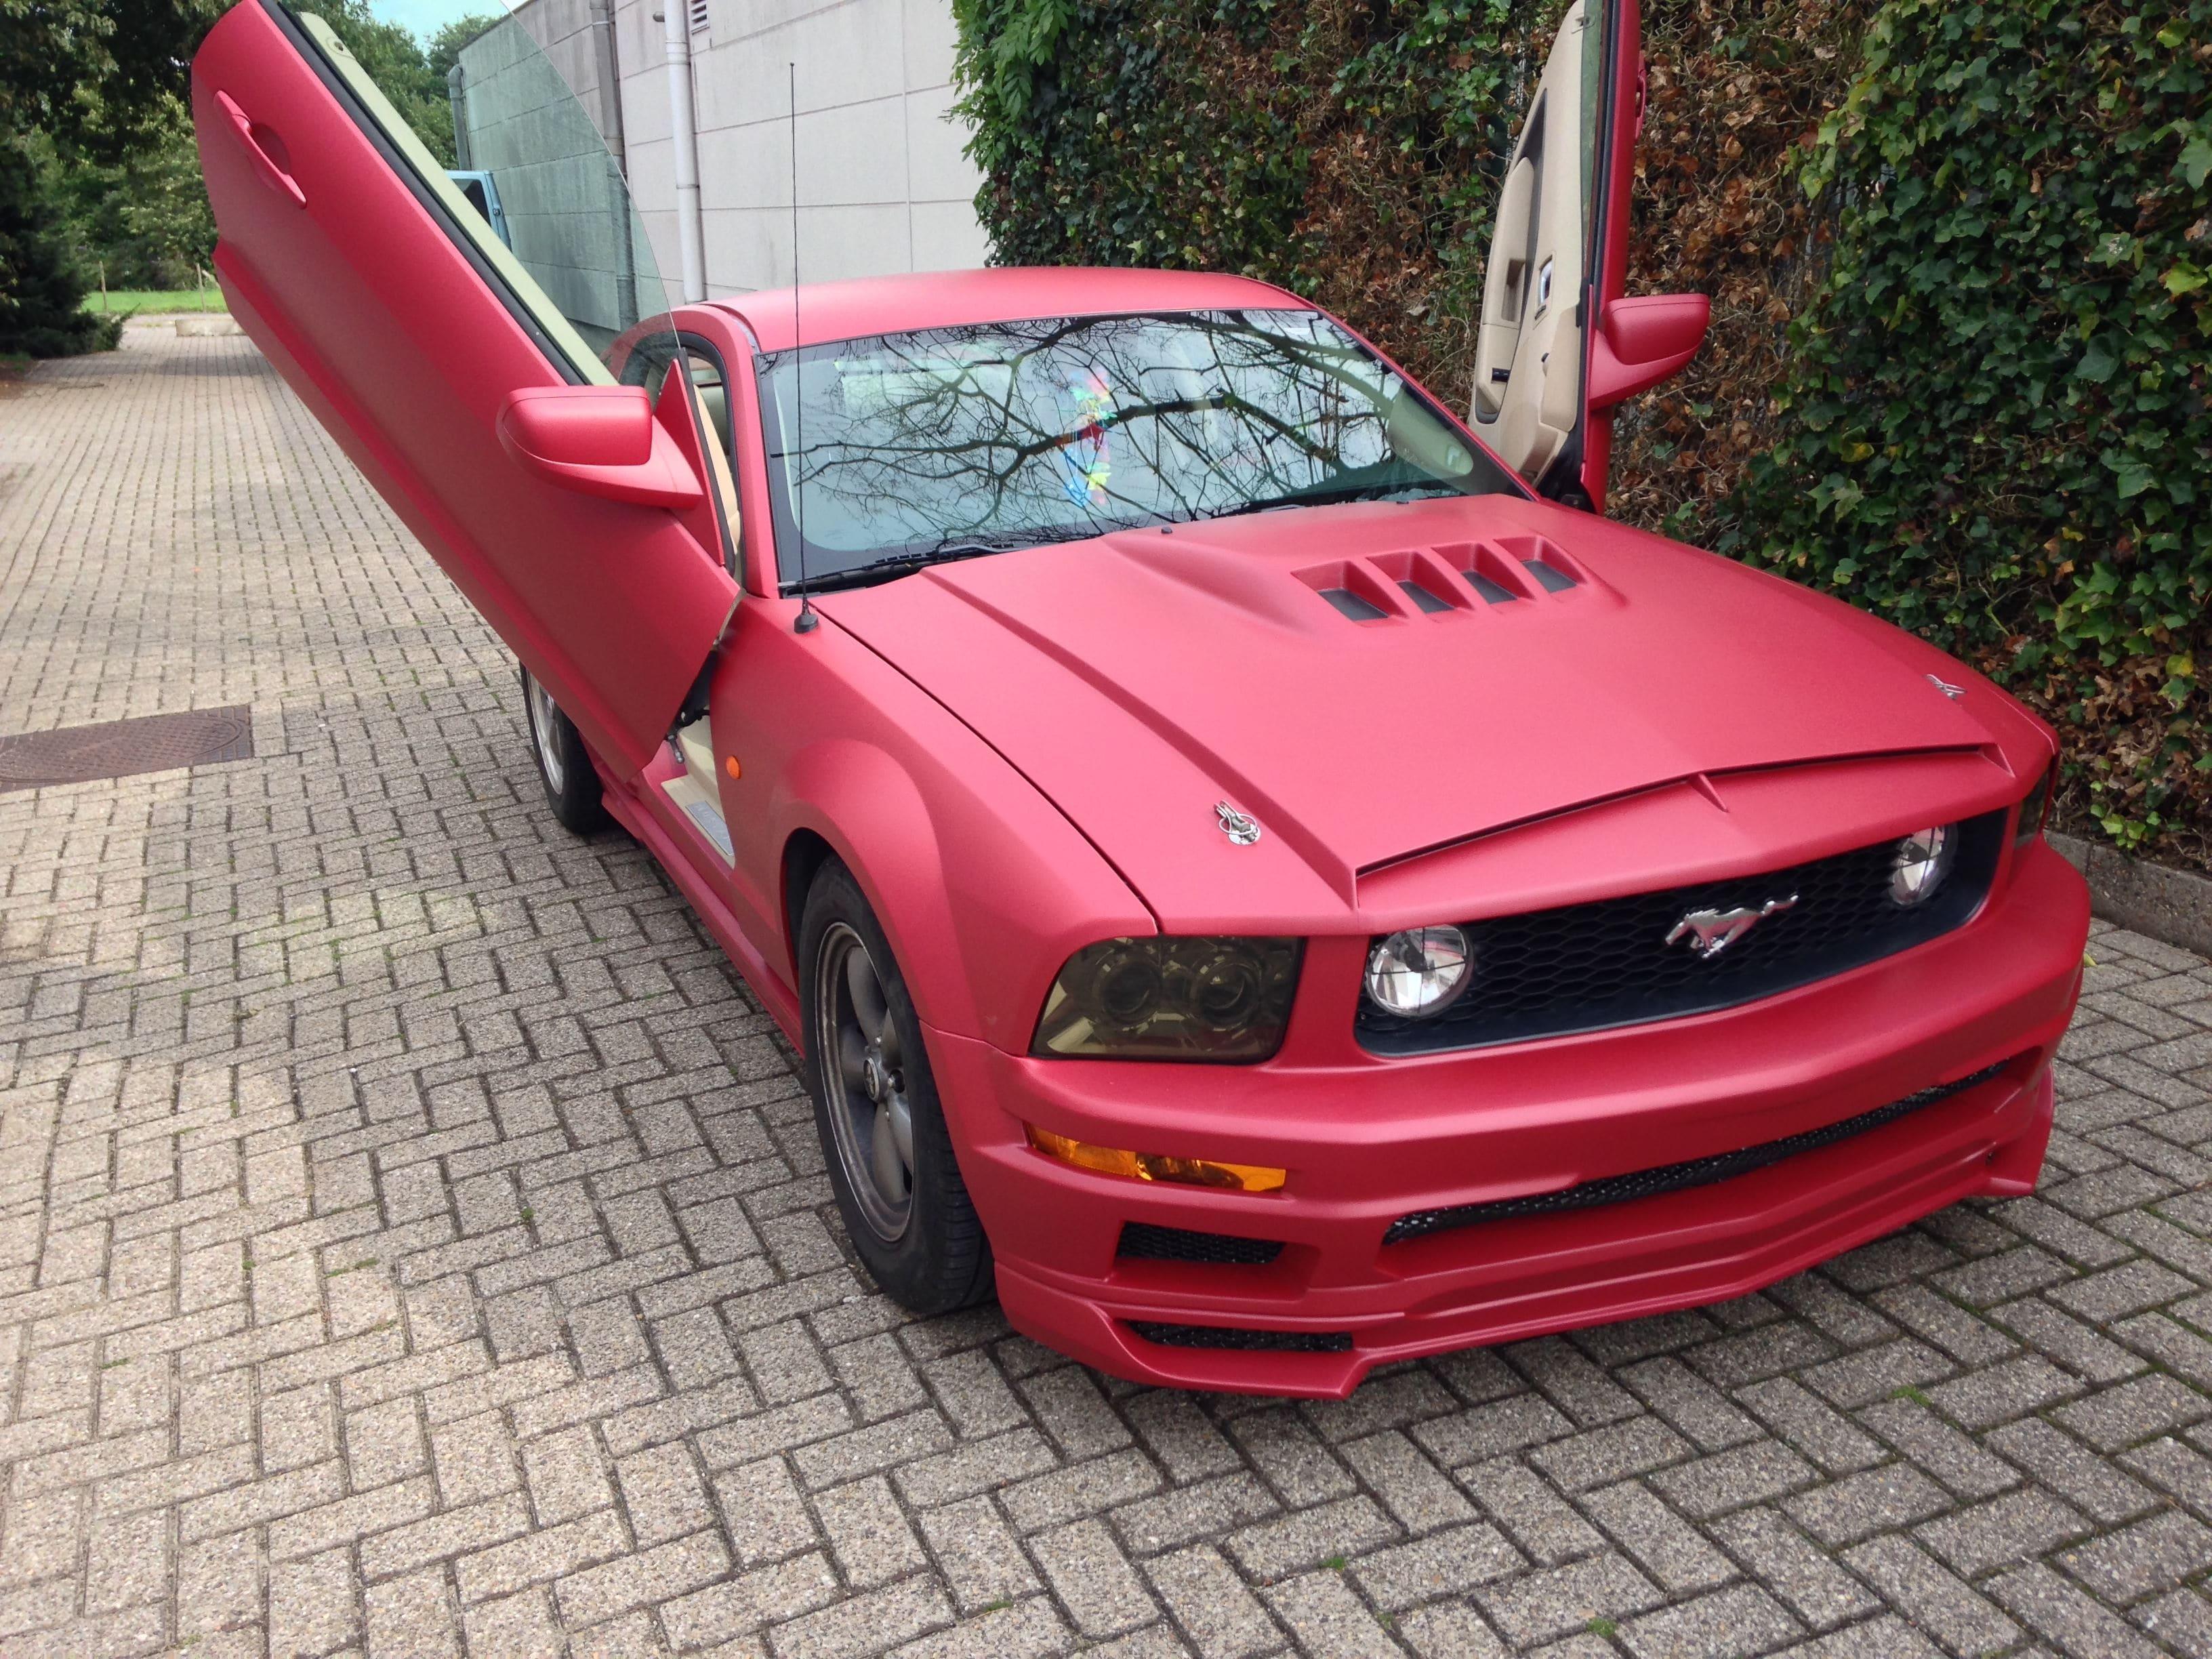 Ford Mustang 2009 met Mat Rode wrap, Carwrapping door Wrapmyride.nu Foto-nr:5826, ©2020